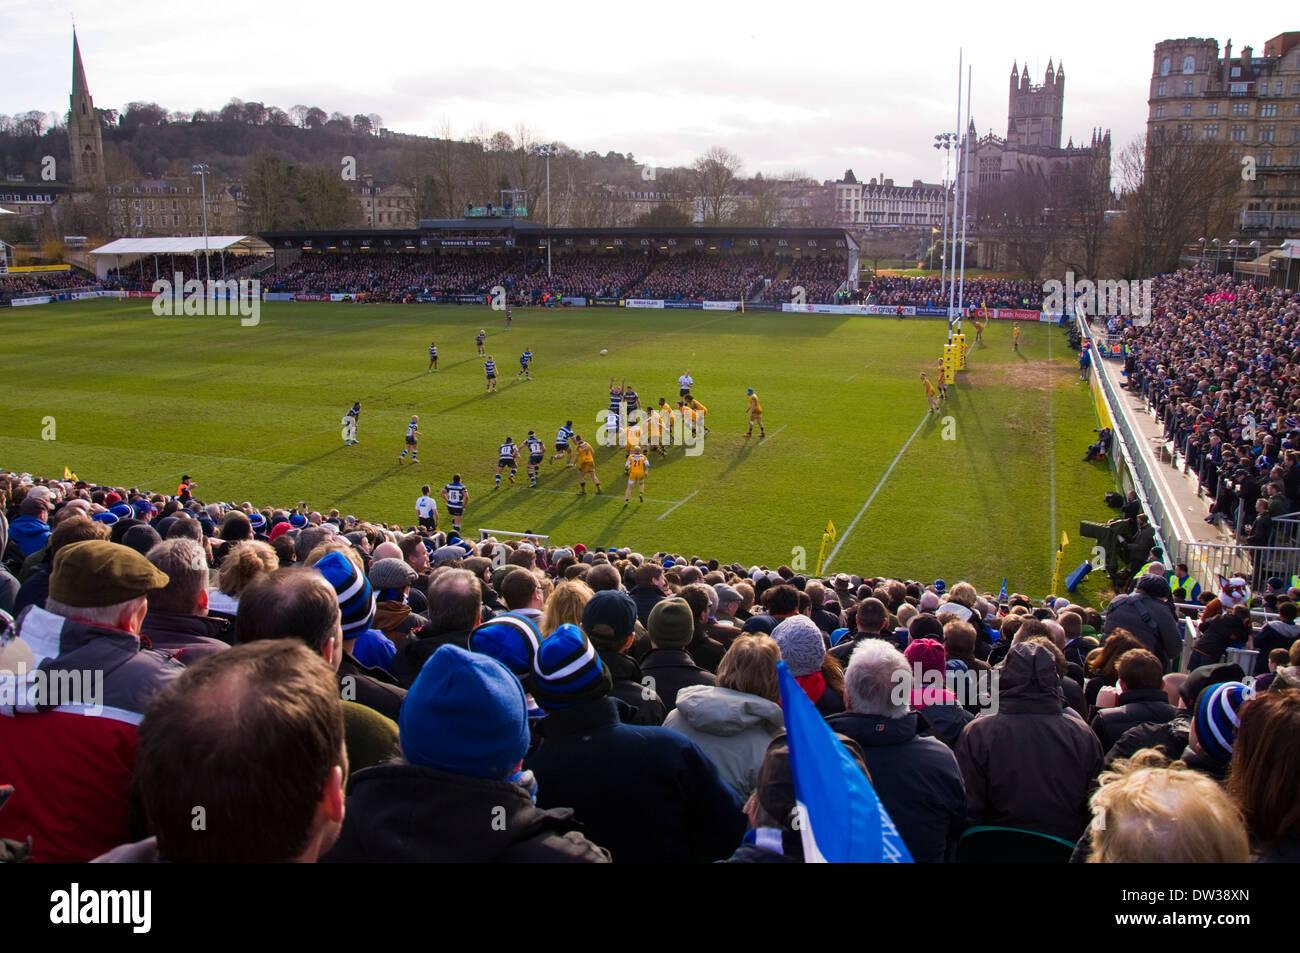 Guardare la gente a rugby union corrisponde alla massa di ricreazione noto come Rec in Bath Somerset il 22 febbraio 2014 vasca v London Wasps Immagini Stock